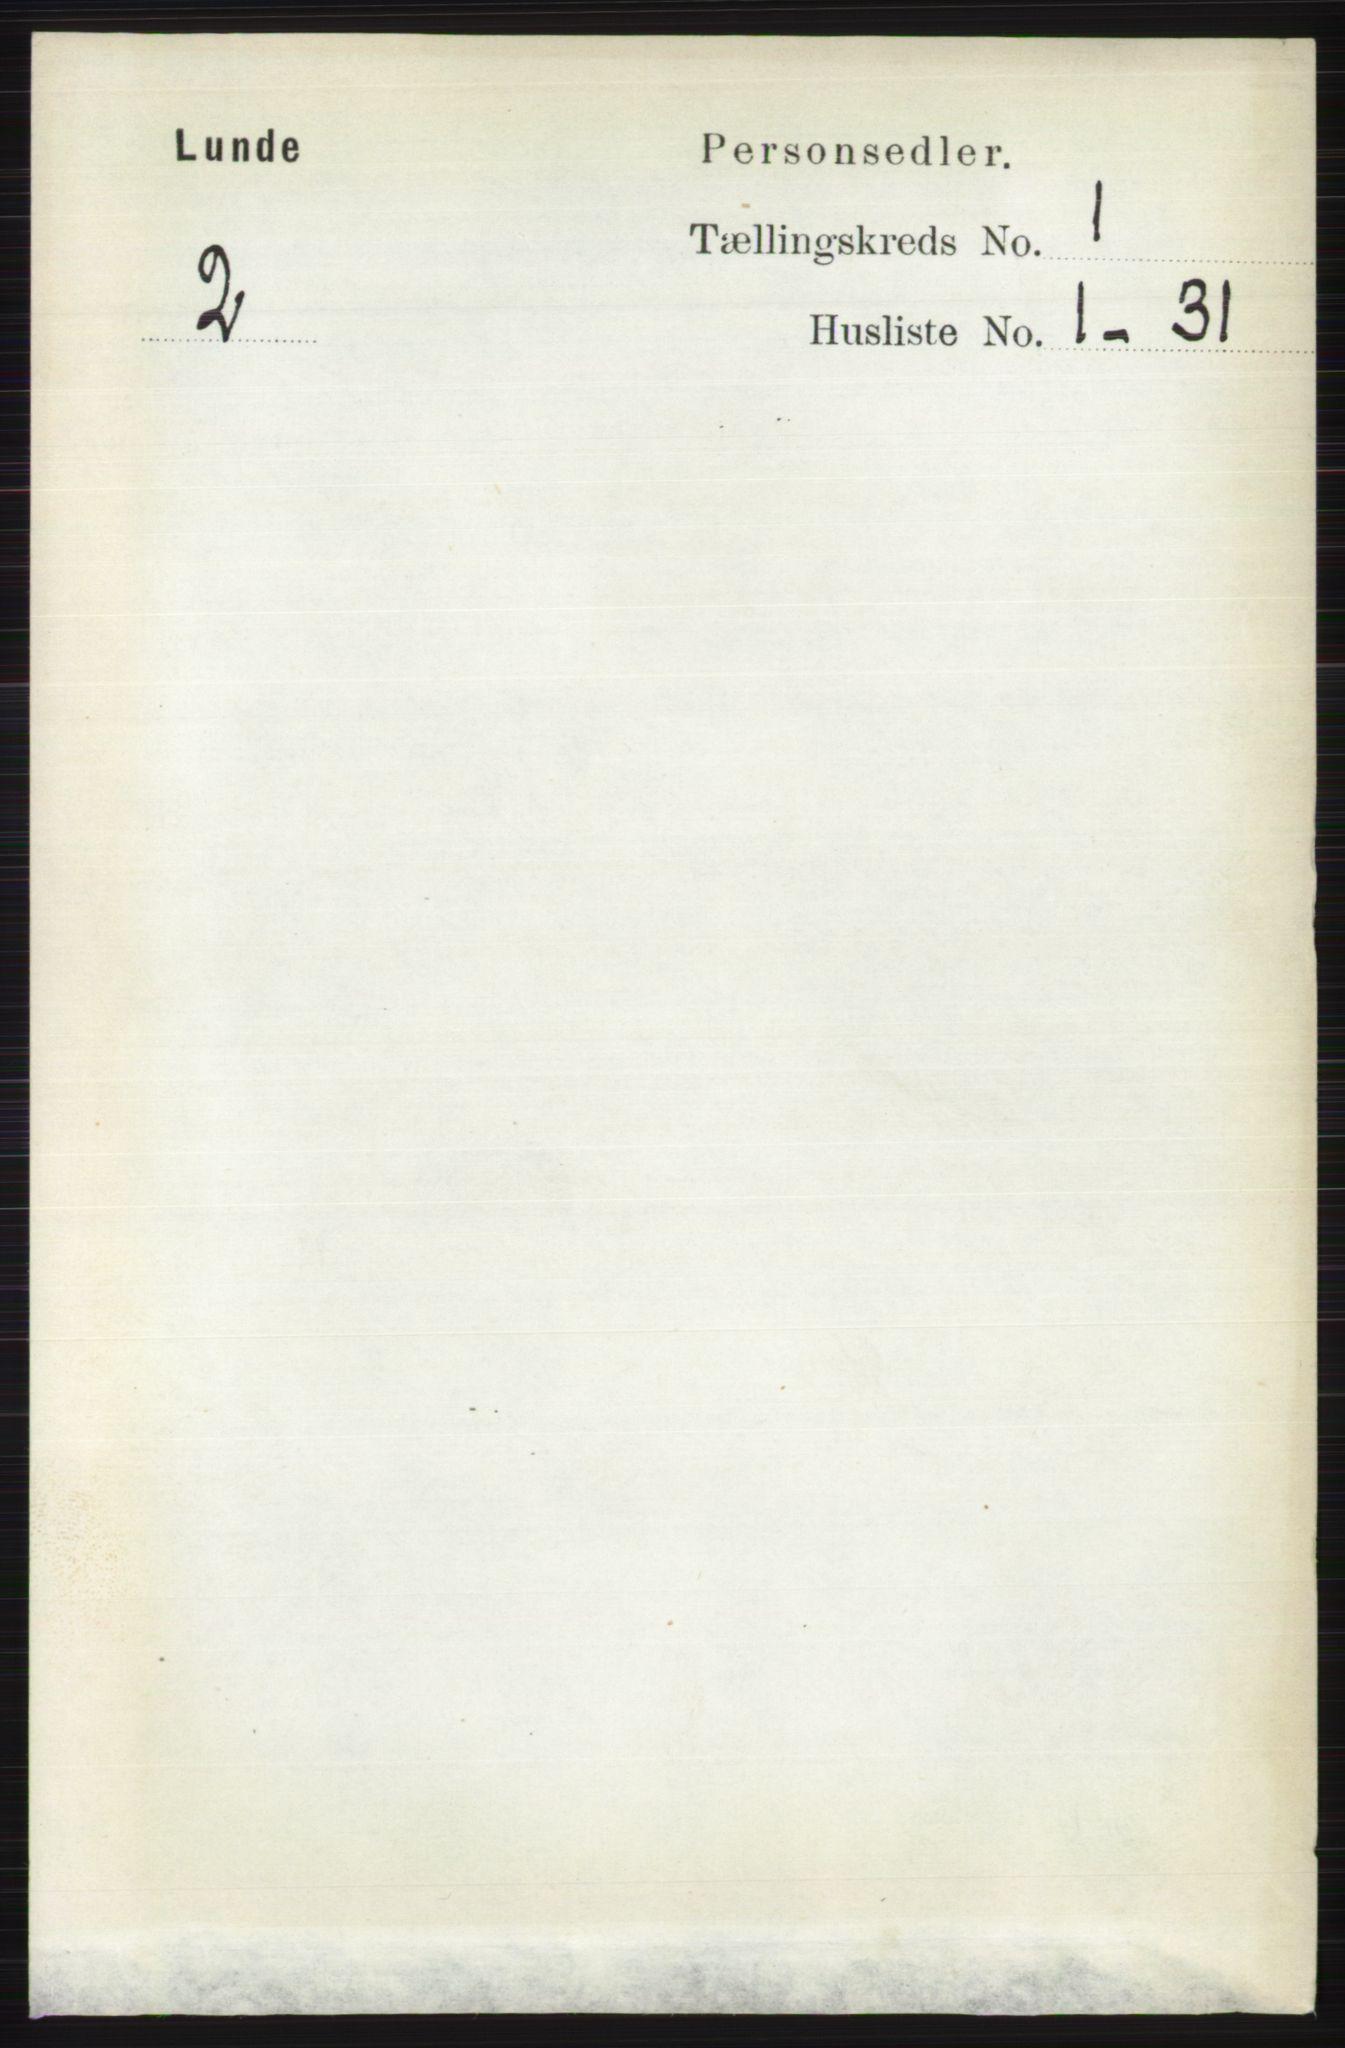 RA, Folketelling 1891 for 0820 Lunde herred, 1891, s. 74